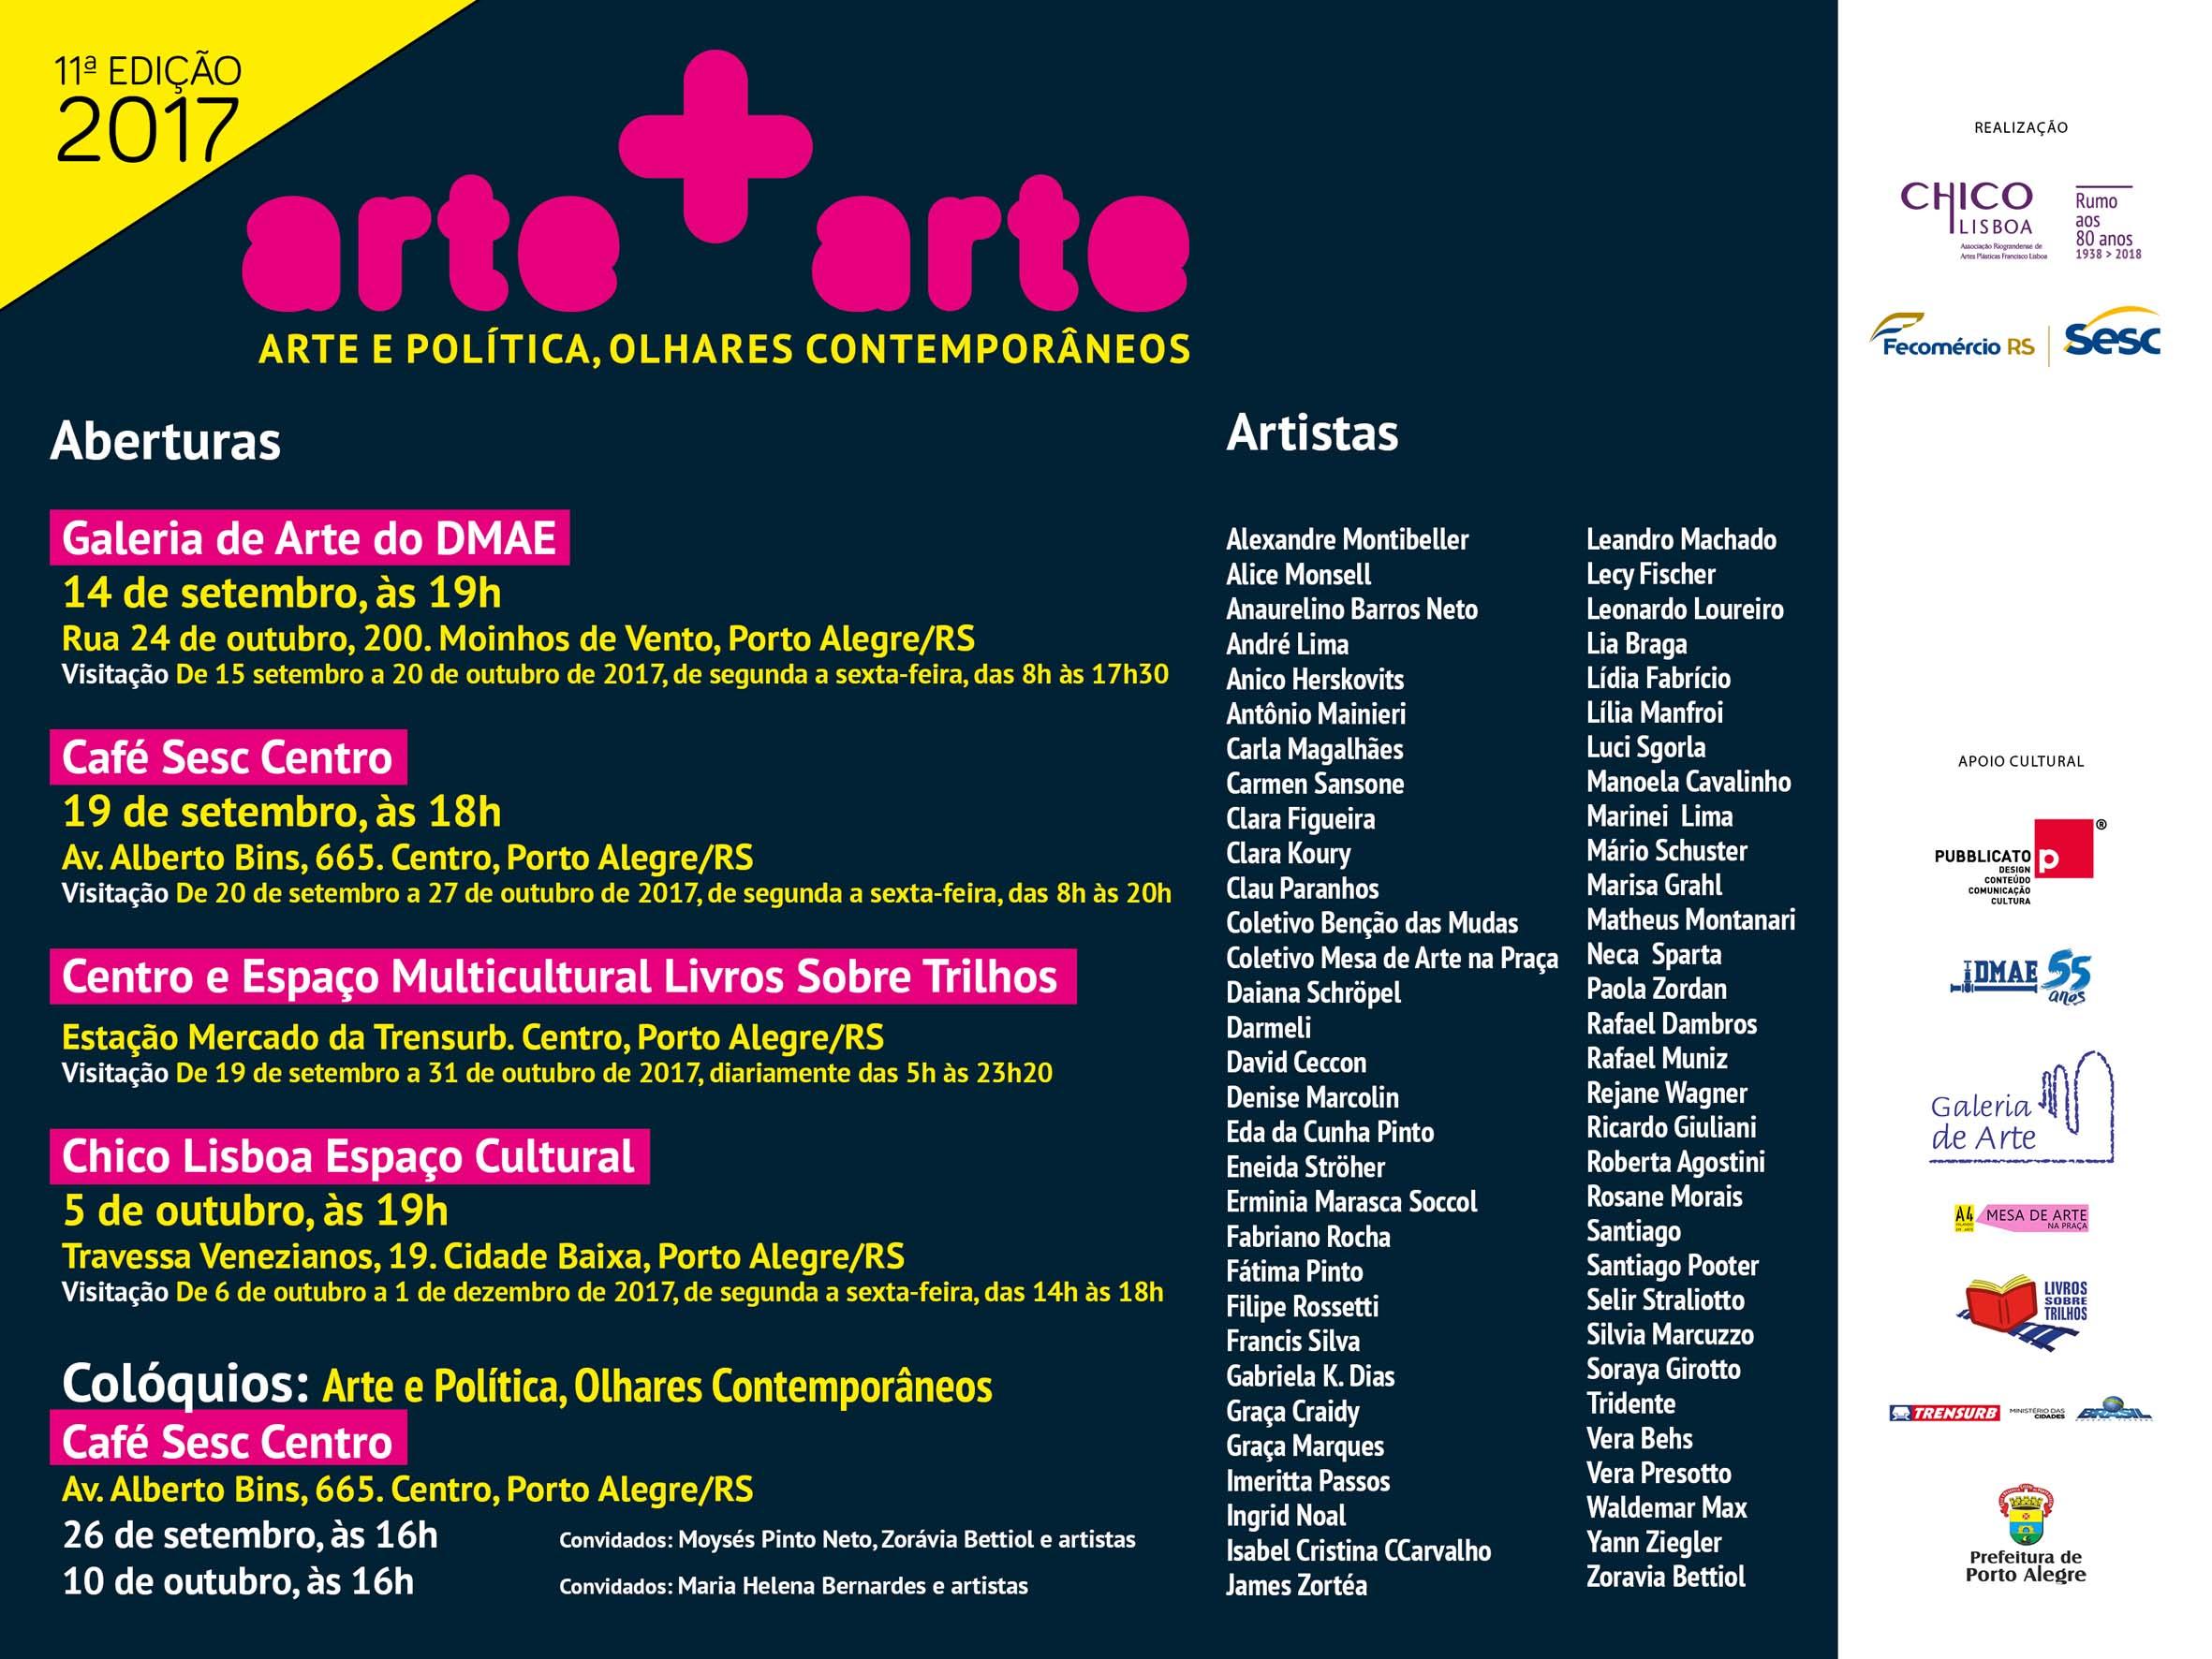 Arte+Arte 2017: Arte e Política Olhares Contemporâneos